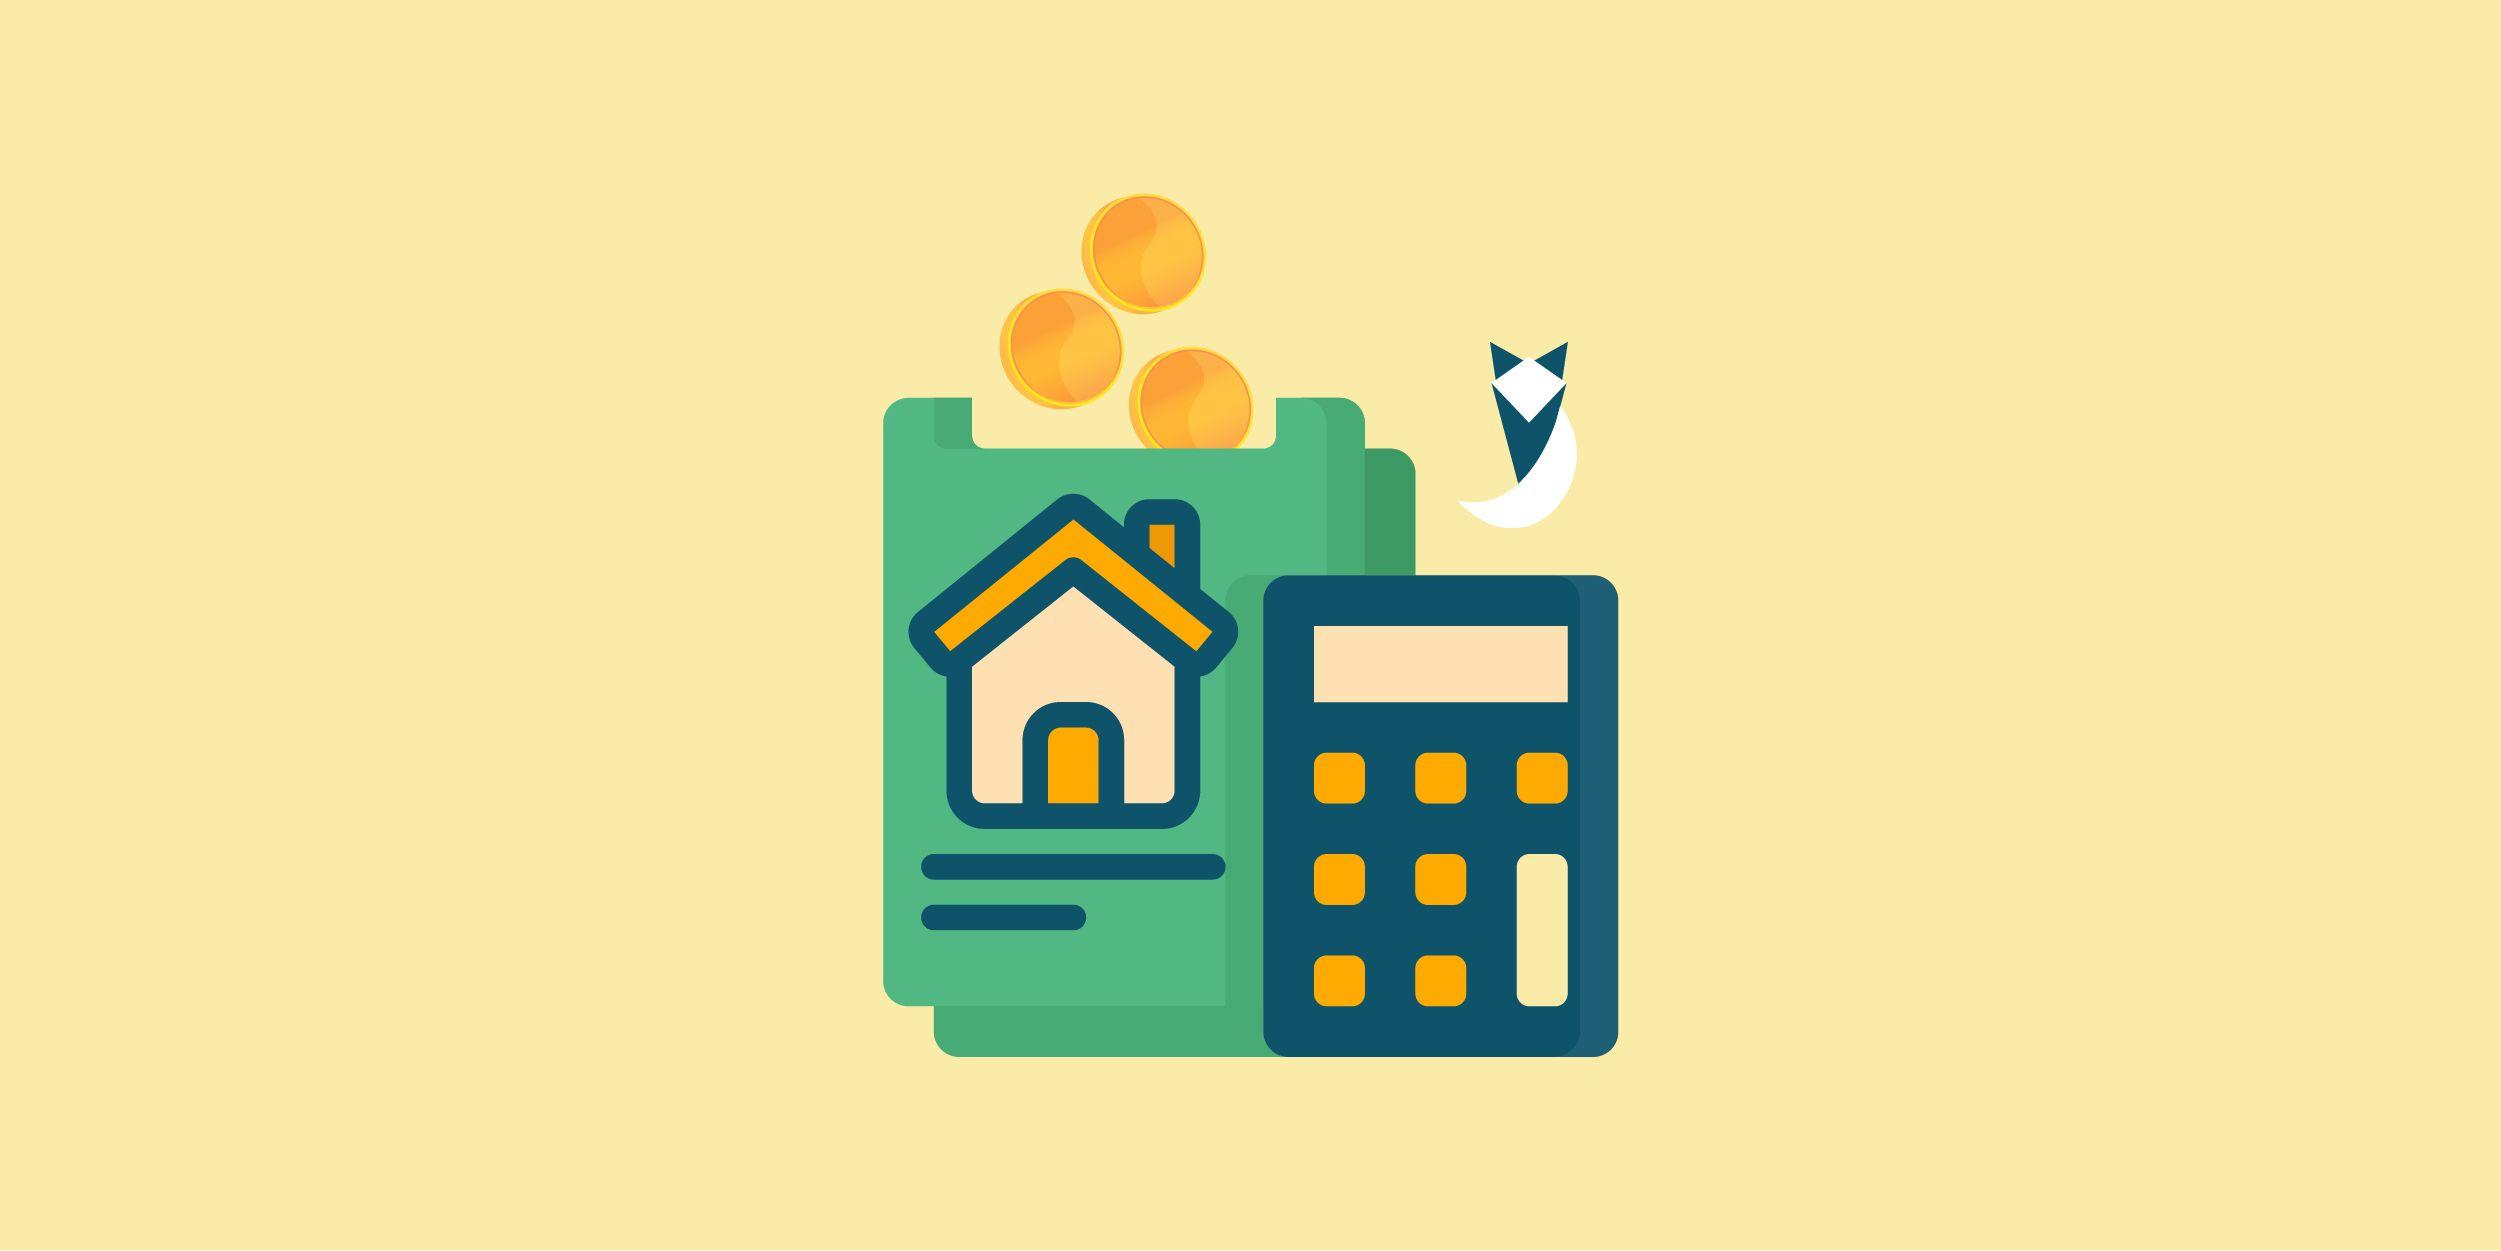 مبادرة التمويل العقاري بدأت فى البنوك يوليو 2021